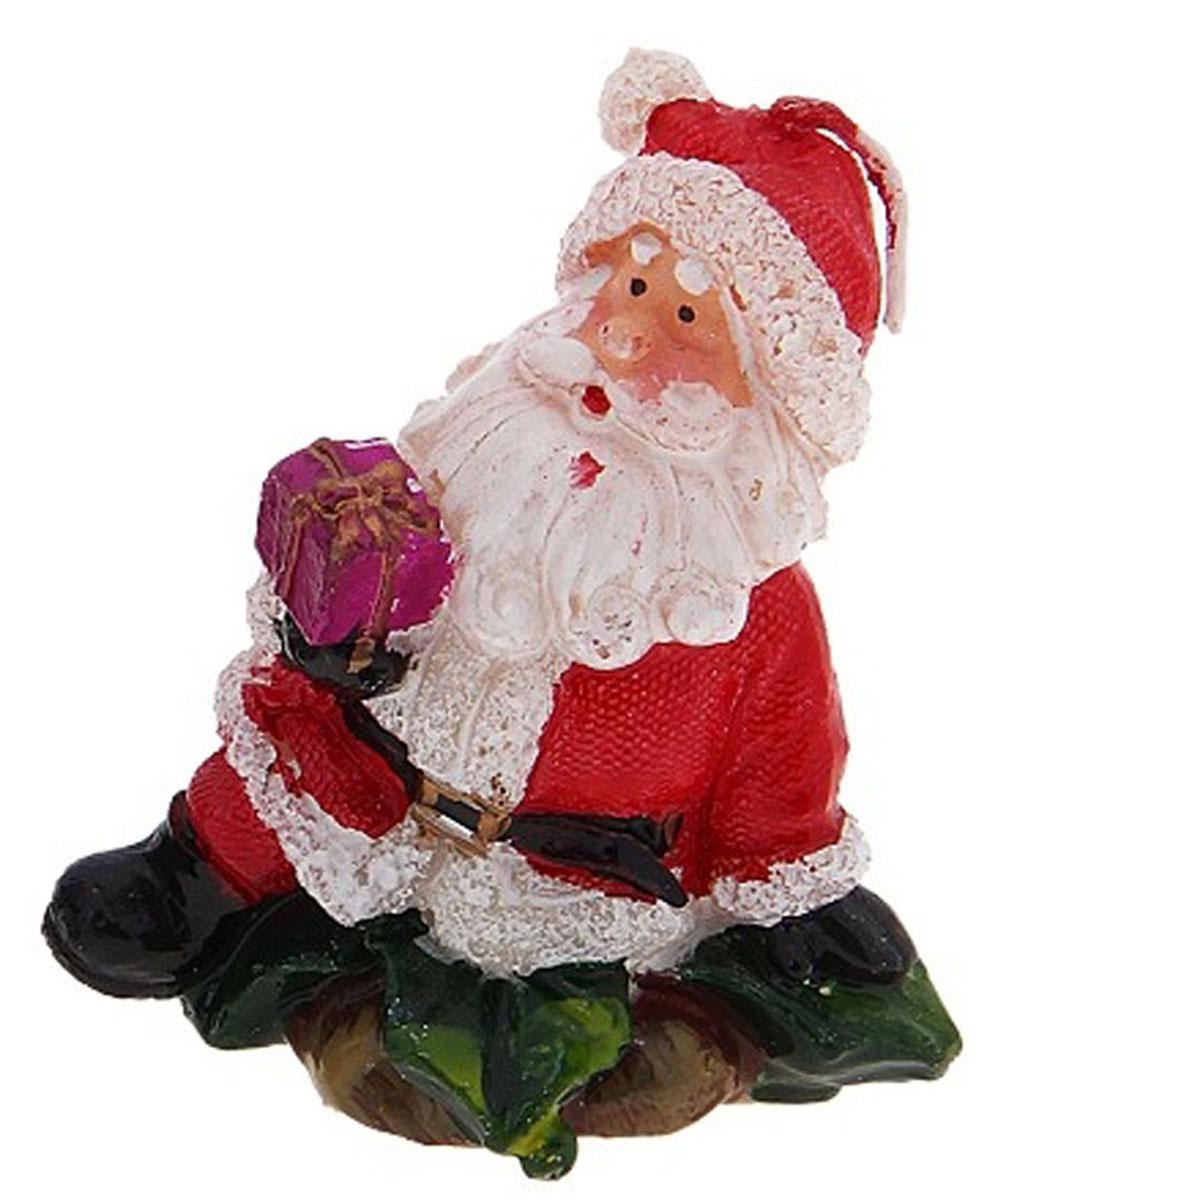 Свеча декоративная Дед мороз с подарком и с елочкой, цвет: красный, 1 шт. 680348680348Декоративная свеча выполнена в виде деда мороза с подарком или елочкой. Свеча будет вас радовать и достойно украсит интерьер. Вы можете поставить свечу в любом месте, где она будет удачно смотреться, и радовать глаз. Кроме того, эта свеча - отличный вариант подарка для ваших близких и друзей.